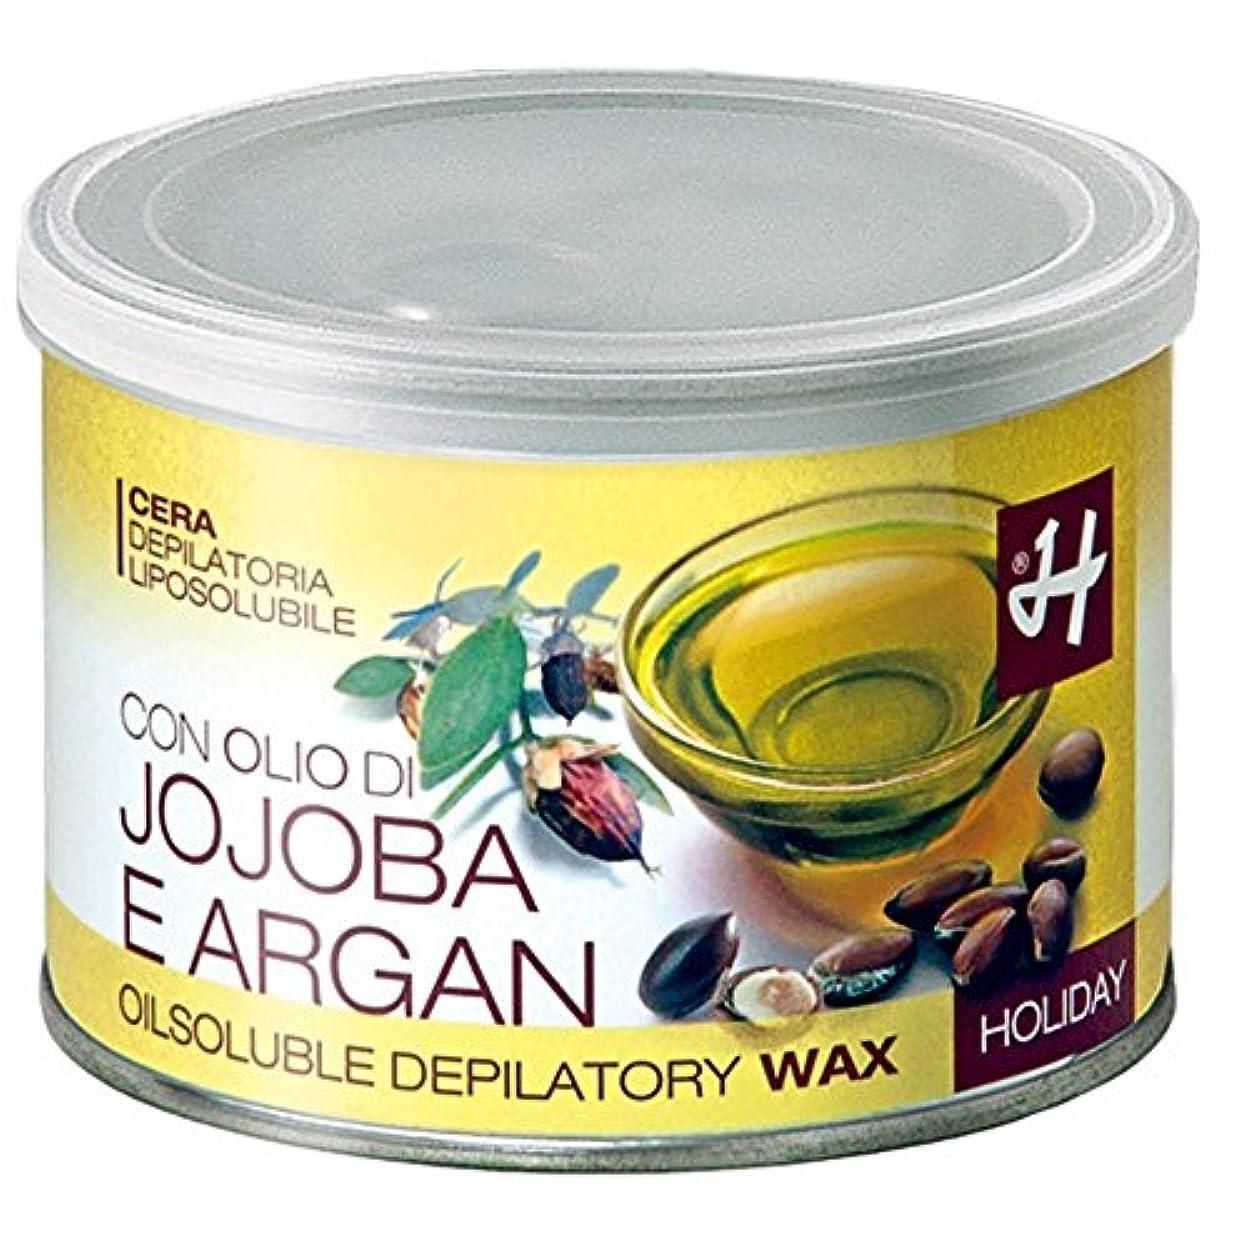 法律により証言注入HOLIDAY JAPAN (ホリデイジャパン) ホホバ&アルガンオイル?エレメンツ ロジンフリーワックス 400ml イタリア製 ブラジリアンワックス WAX